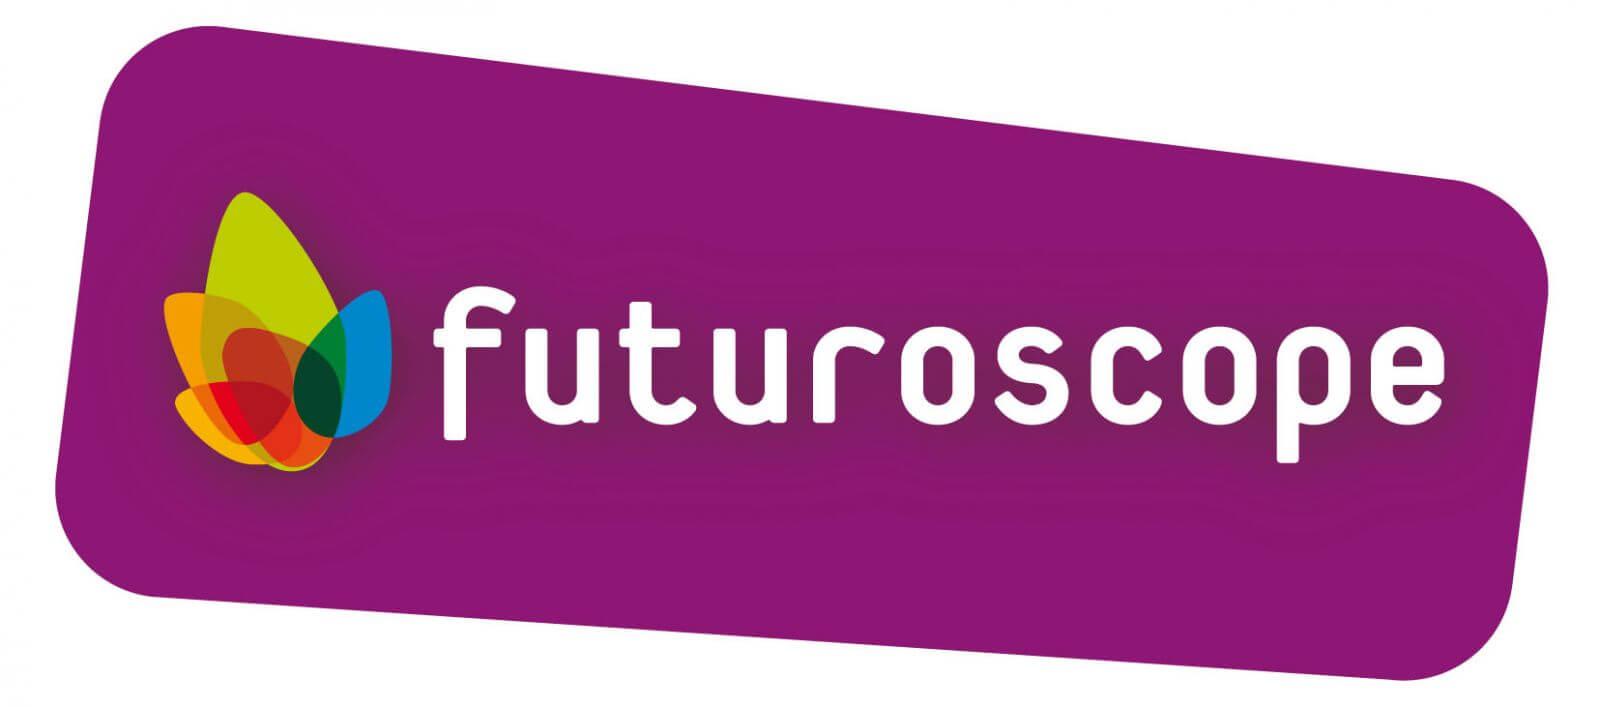 futuroscope code promo